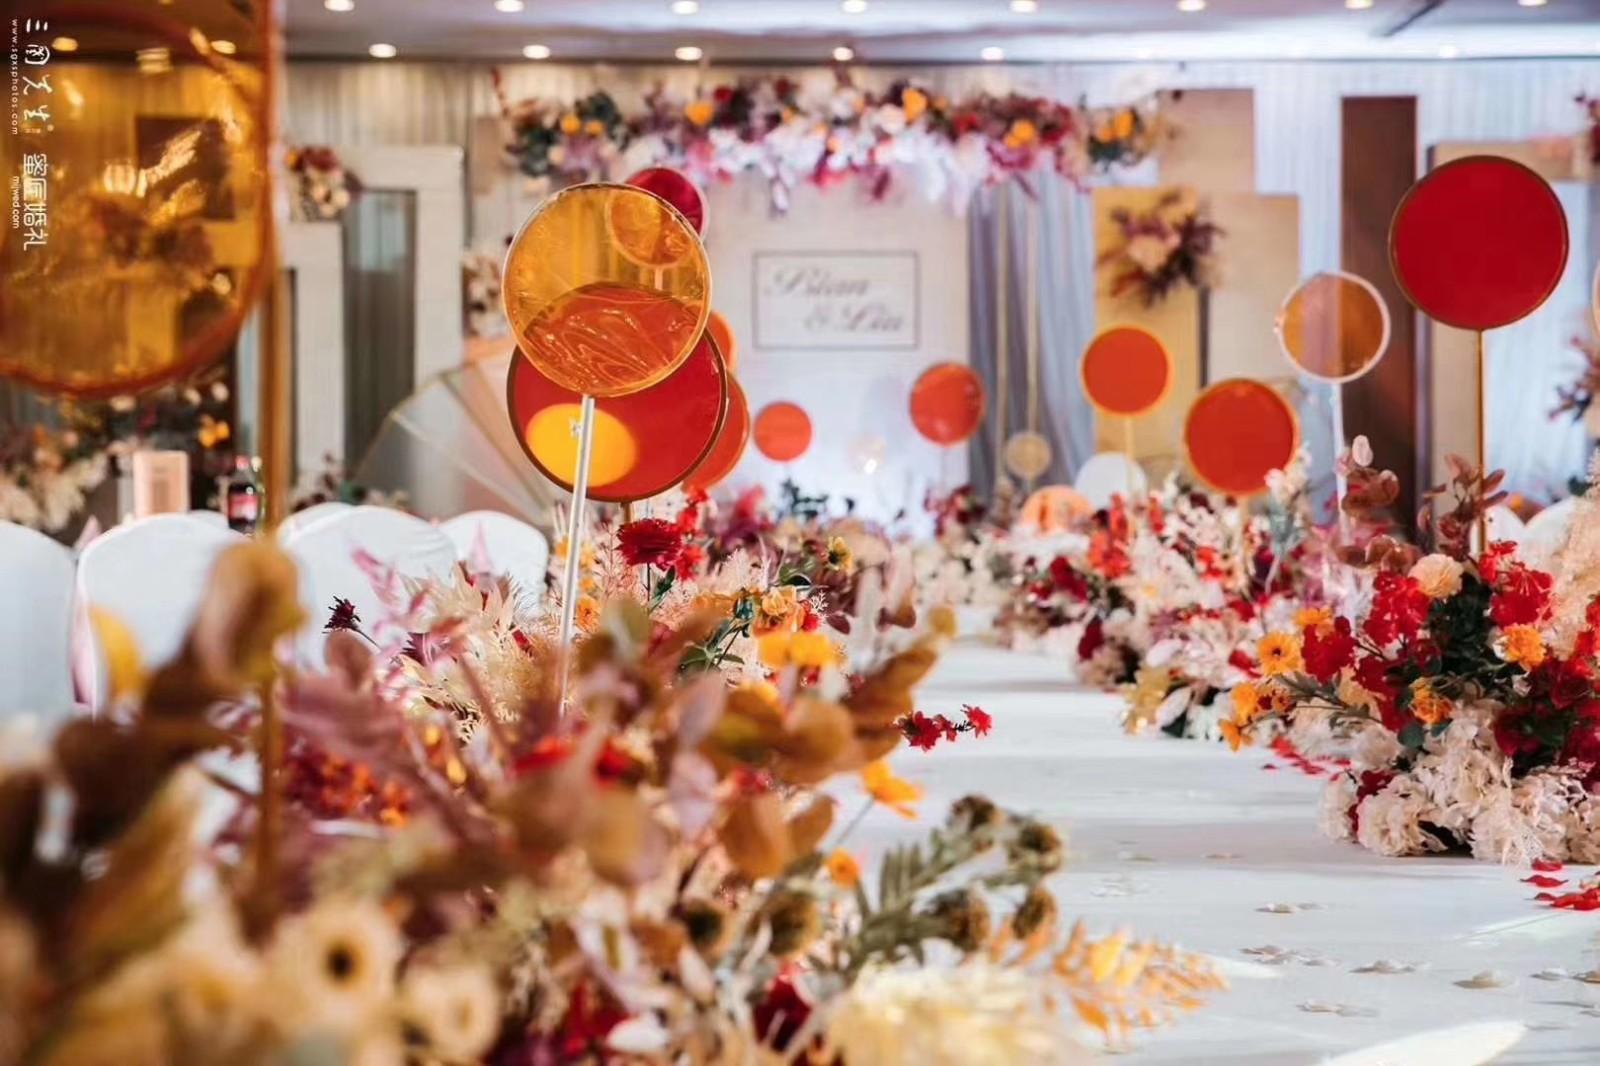 竹溪婚礼现场全程跟拍的价格 竹溪现在婚礼请跟拍要多少钱